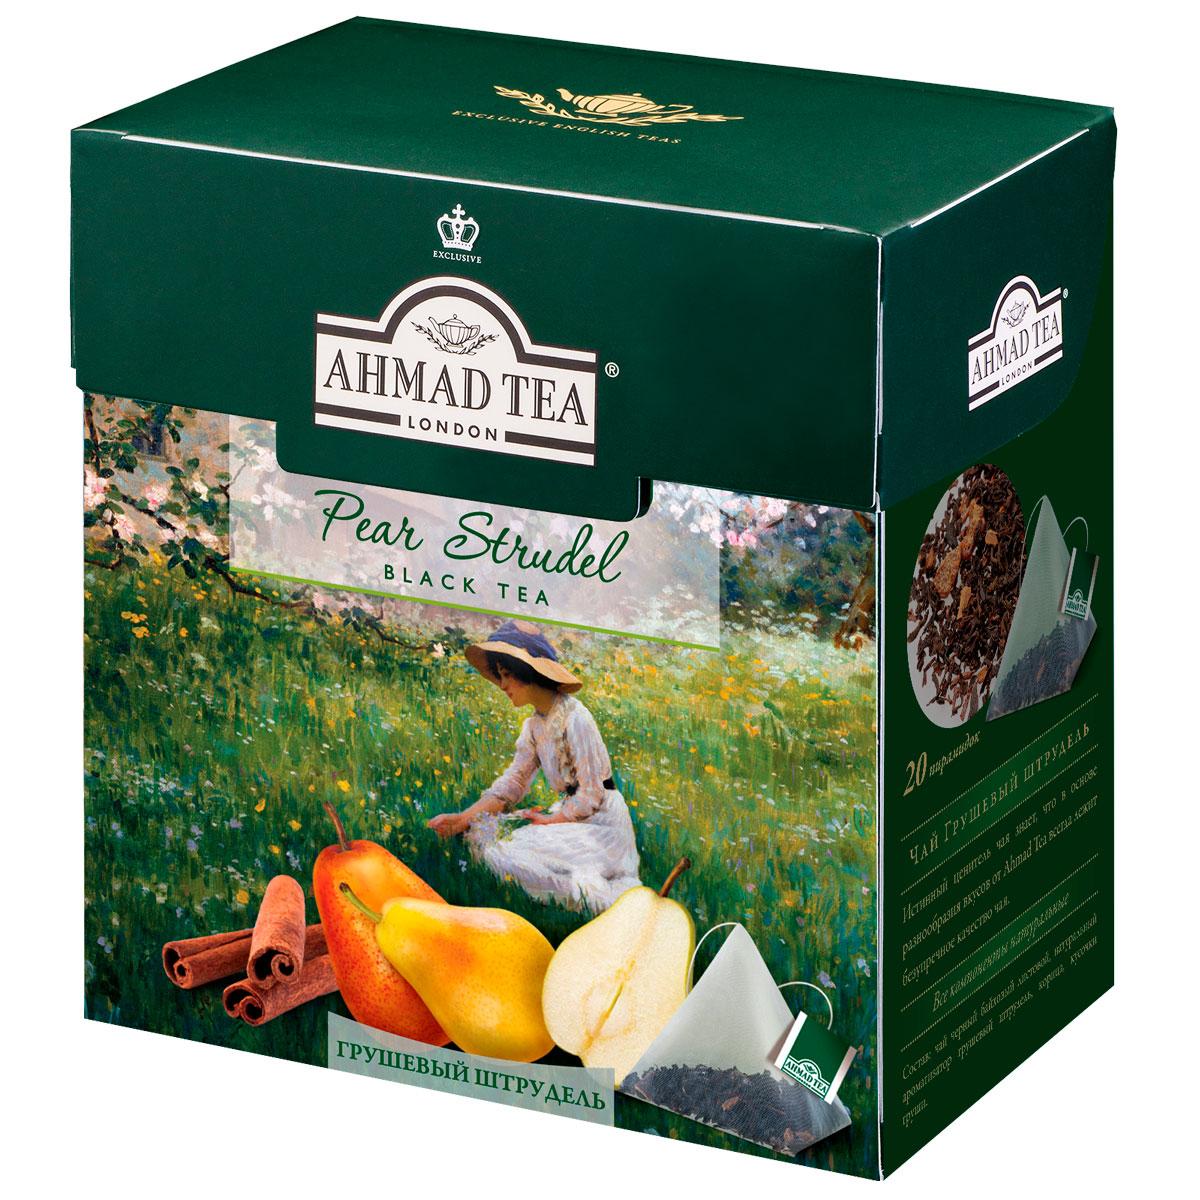 Ahmad Tea Pear Strudel черный чай в пирамидках, 20 шт1236Вкус сладкой груши, теплая нотка корицы и отборный плантационный цейлонский чай в сочетании с чаем Ассам собраны в десертный шедевр Ahmad Tea Pear Strudel. Заваривать 5-7 минут, температура воды 100°С.